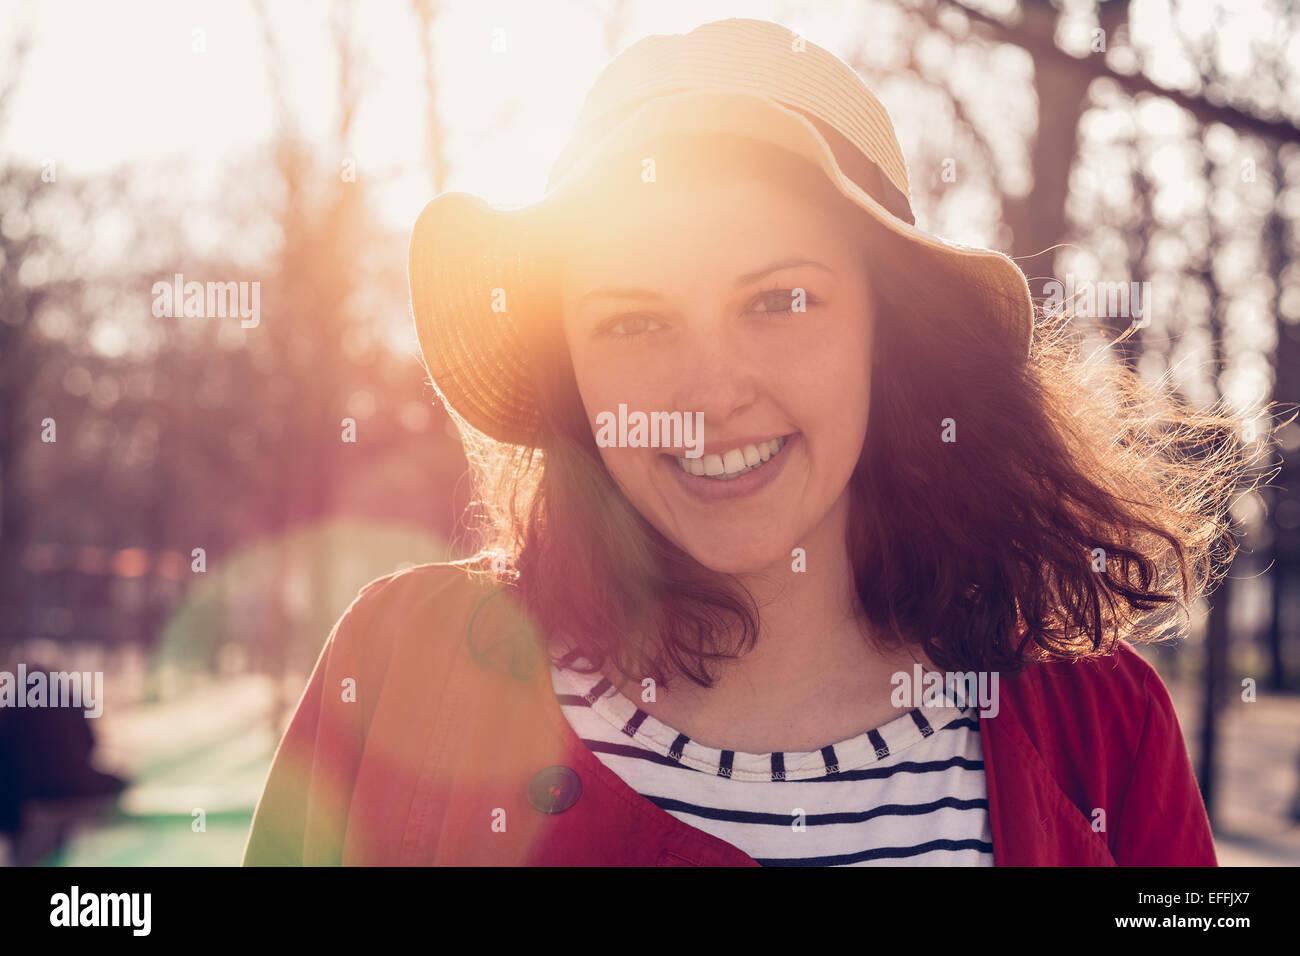 Retrato de una joven en París Imagen De Stock